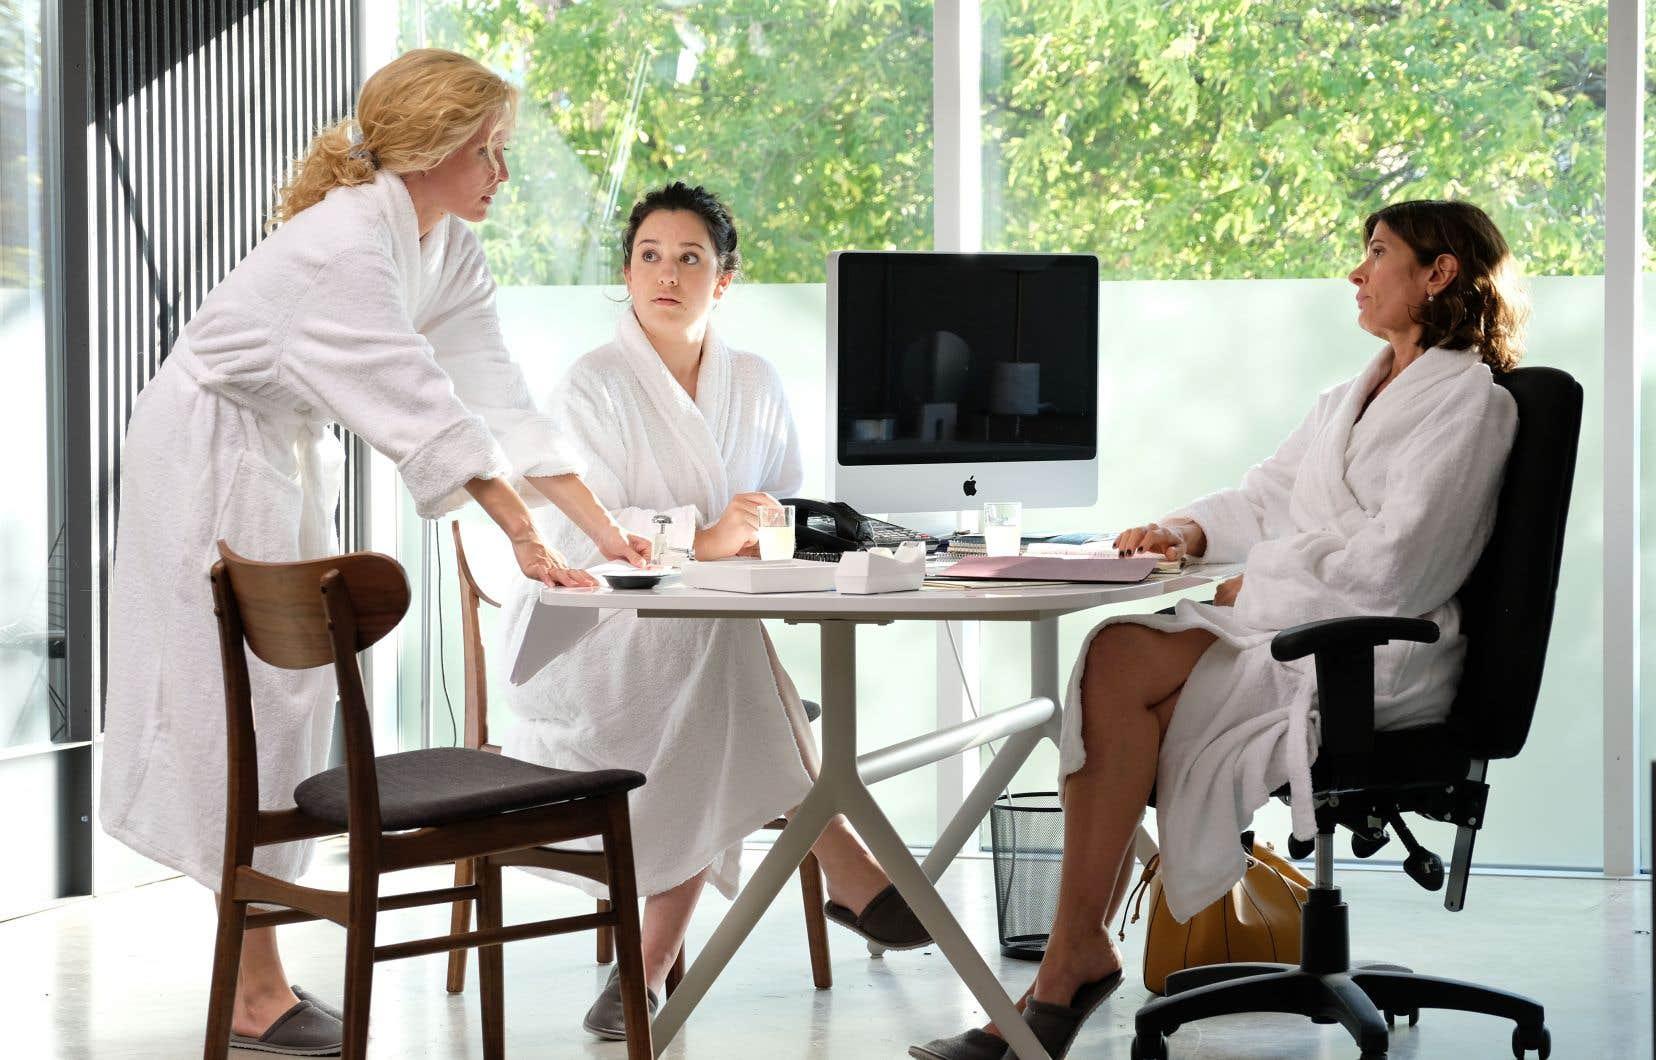 Isabelle (Évelyne Brochu), Anaïs (Valérie Fortin) et Myriam (Anne-Marie Cadieux) dans un épisode de la comédie «Trop». La bipolarité dans l'hilarité.